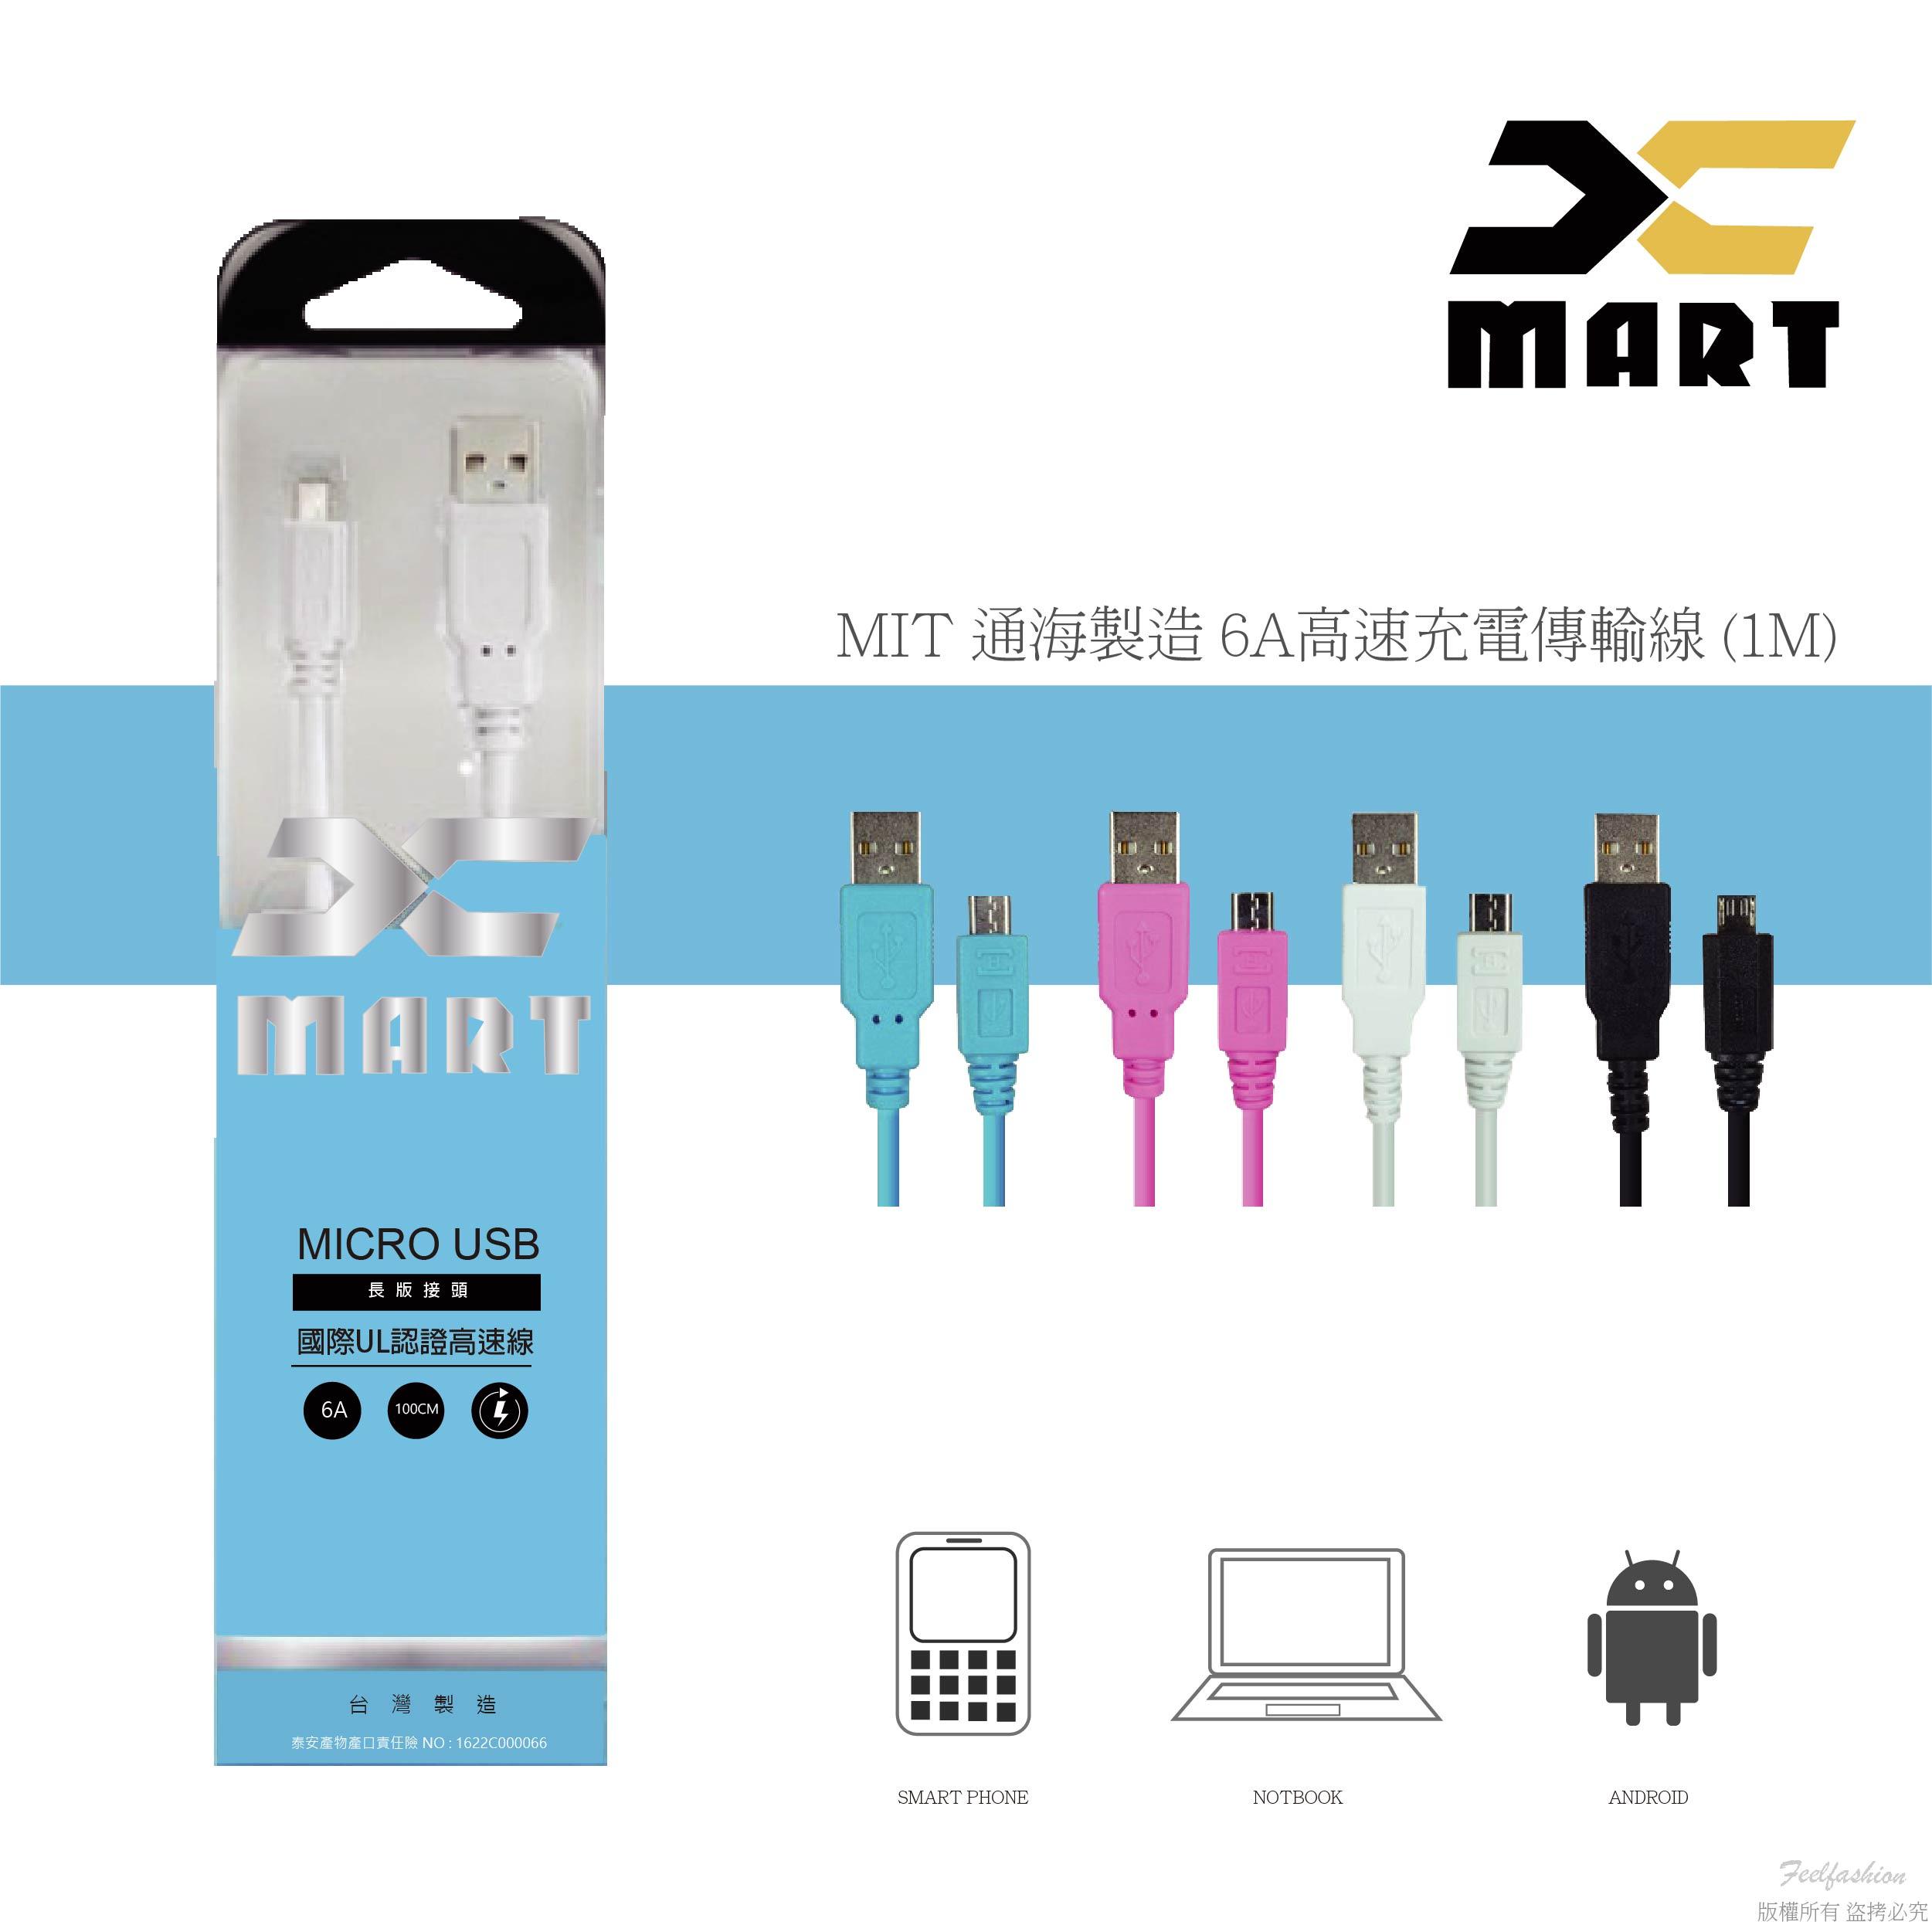 通海製造MIT X_mart MICRO USB 安卓 6A 台灣製造 高速充電傳輸線 (1M) 認證線 P20pro NOKIA8 S8 S8plus V30